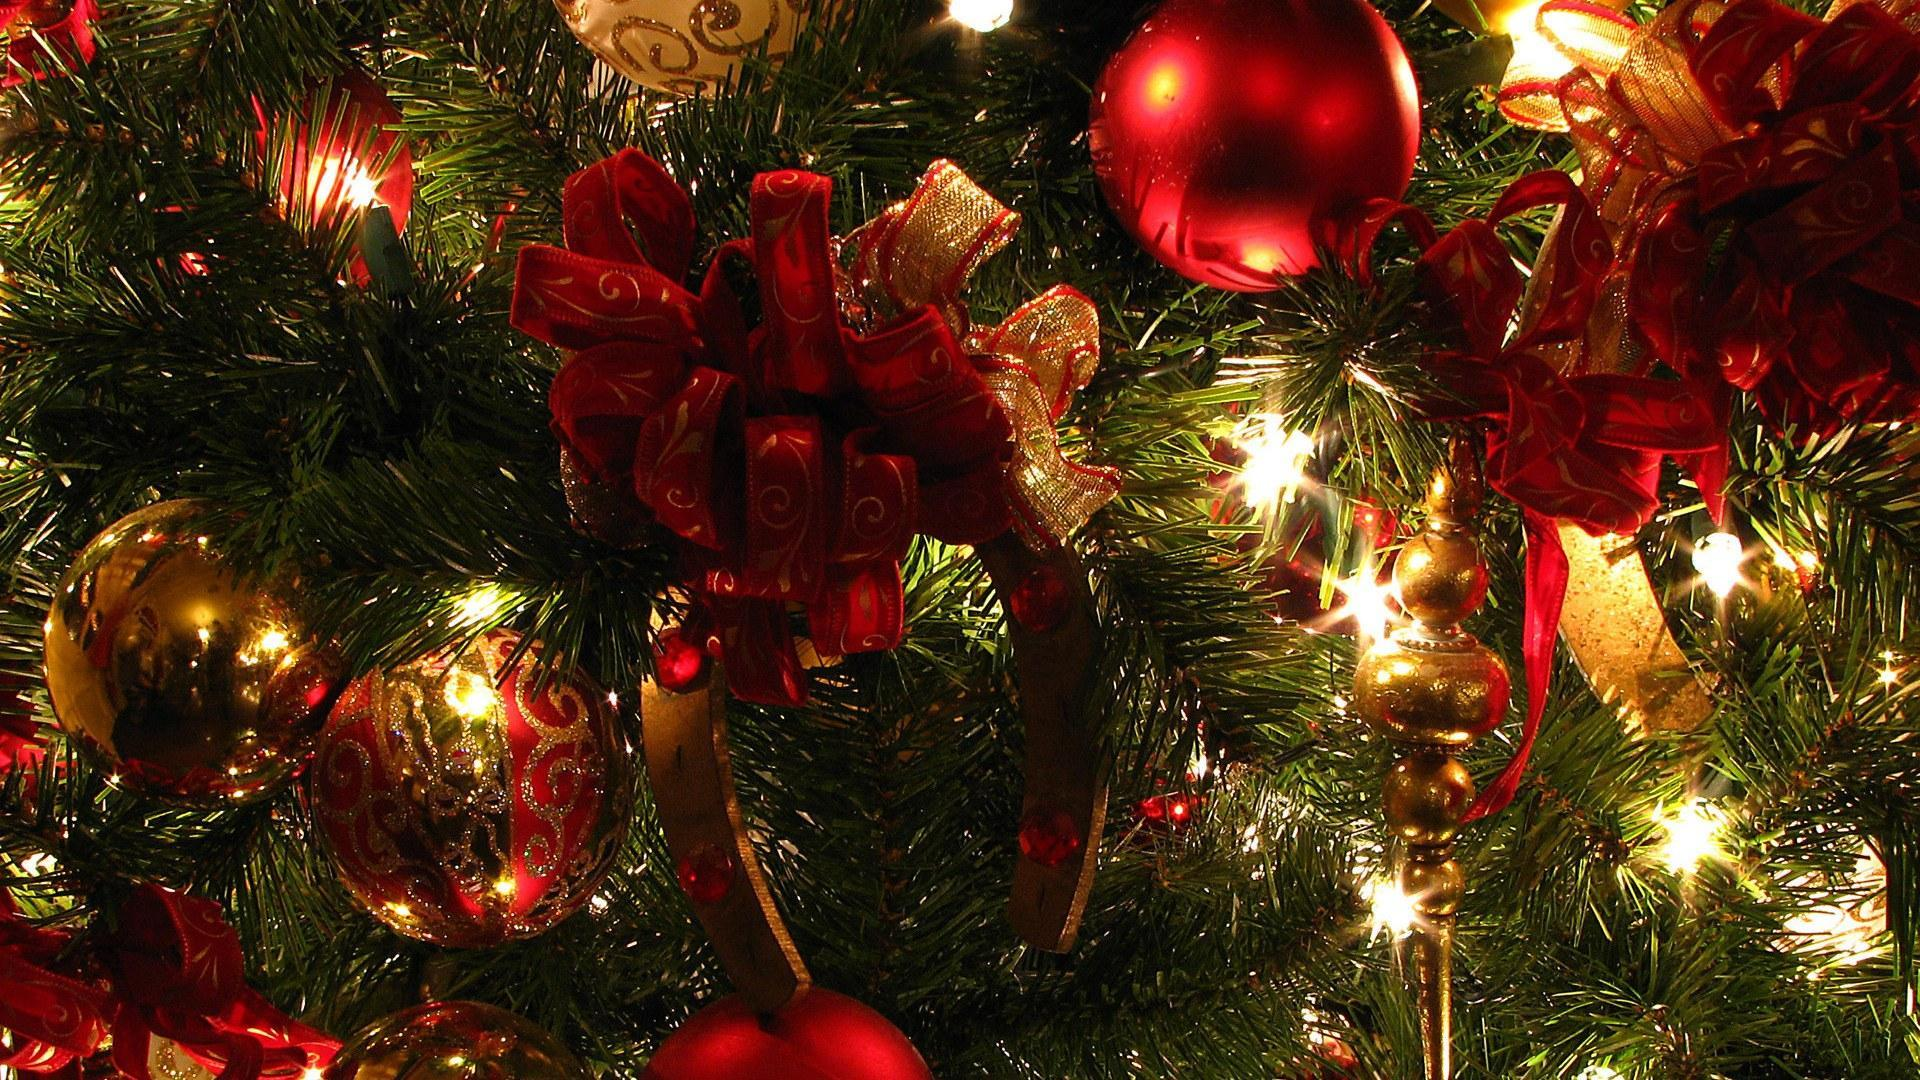 14051 скачать обои Праздники, Фон, Новый Год (New Year), Игрушки, Рождество (Christmas, Xmas) - заставки и картинки бесплатно